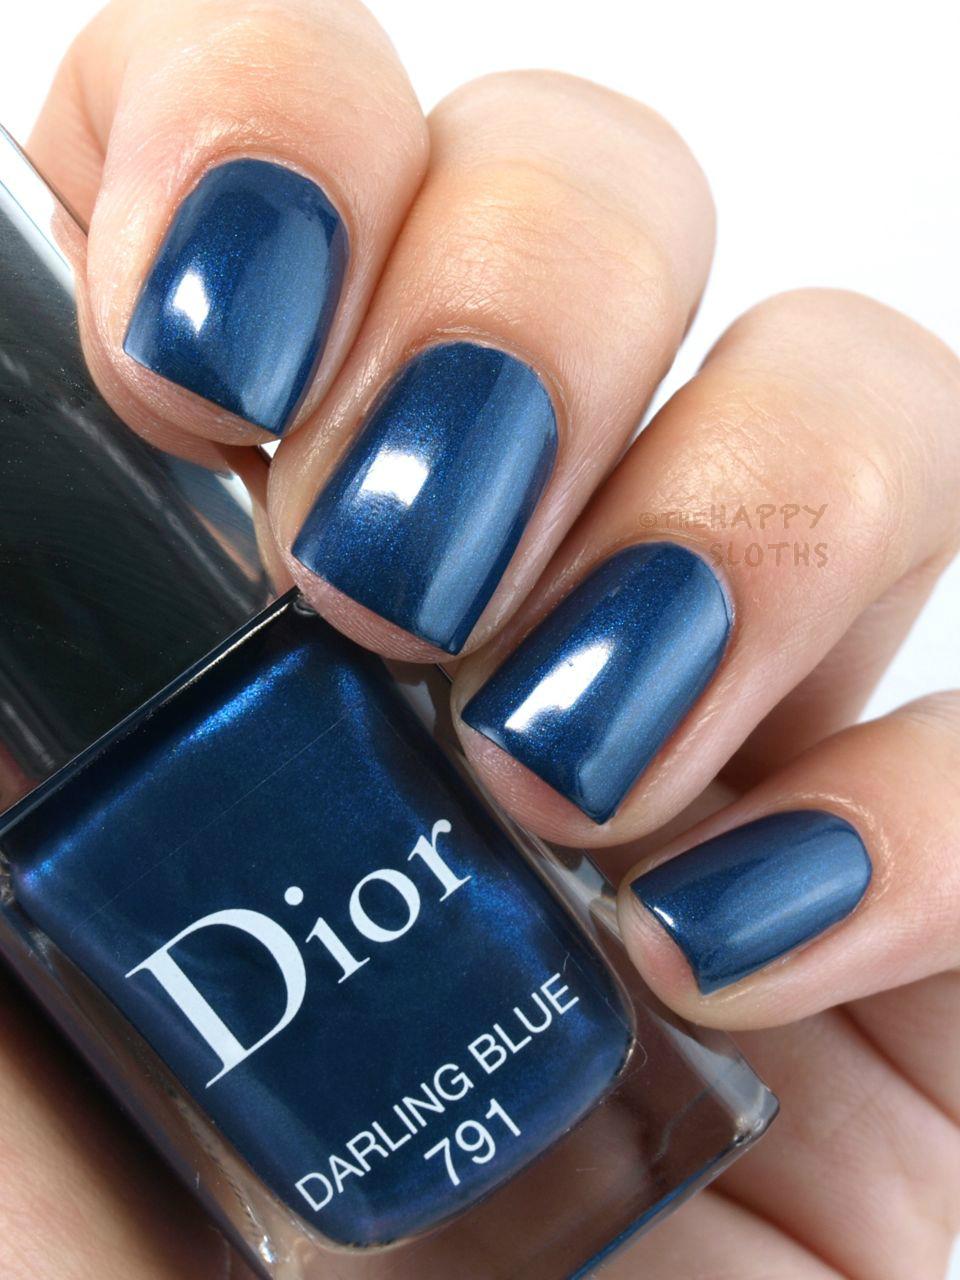 Dior Fall 2015 Dior Vernis In Quot 791 Darling Blue Quot Quot 001 Miroir Quot Quot 701 Metropolis Quot Amp Quot 785